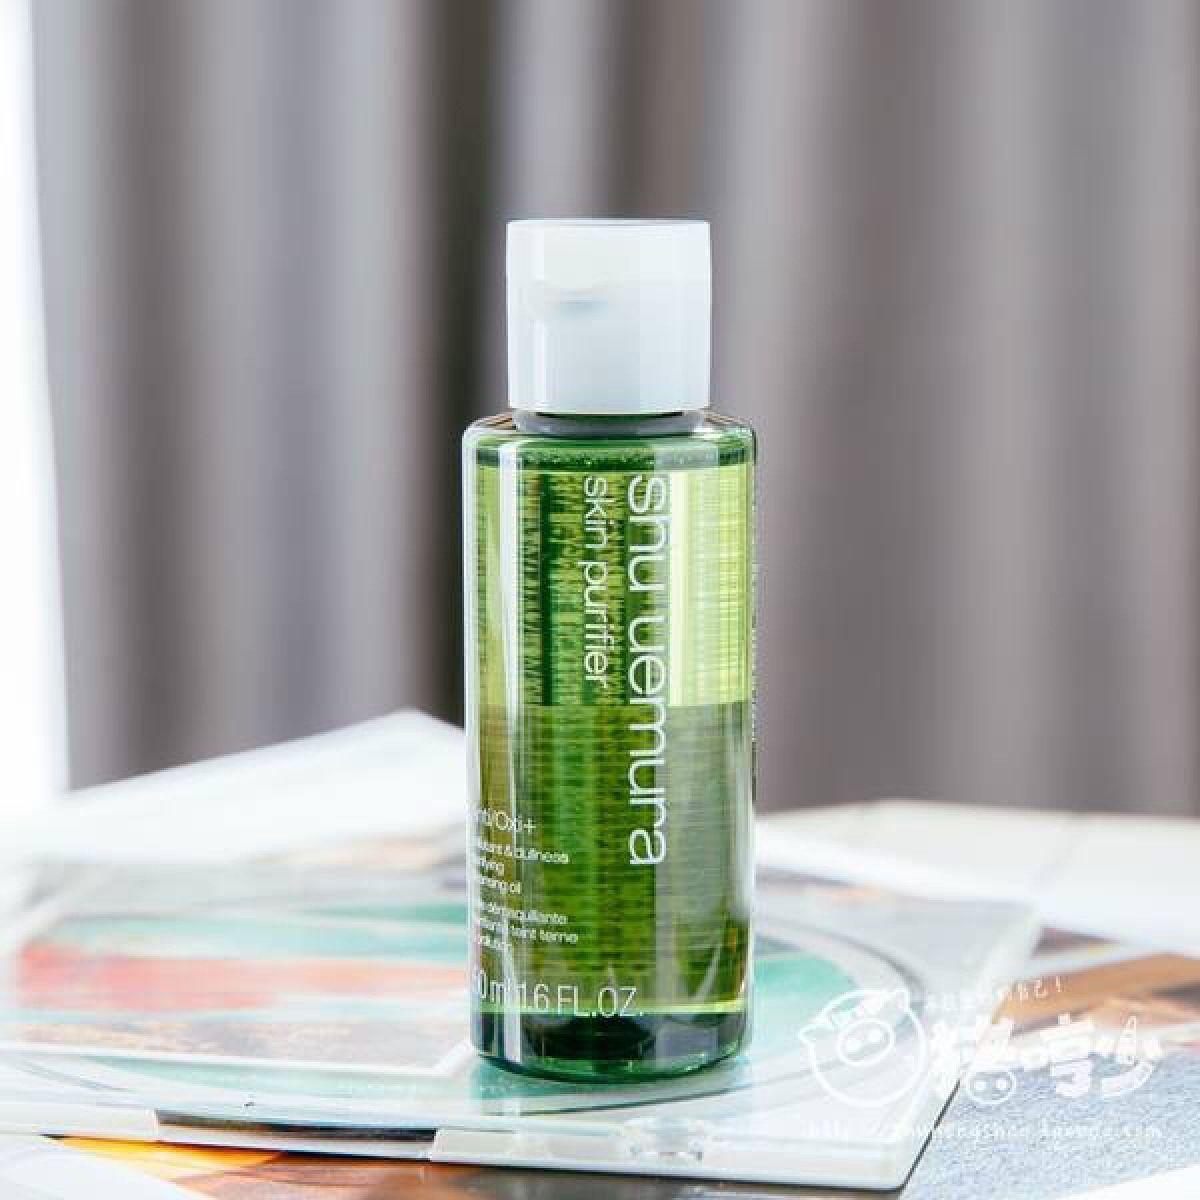 Tẩy trang Shu Uemura dễ dàng loại bỏ lớp make up cùng bụi bẩn, chất bã nhờn tích tụ trên da